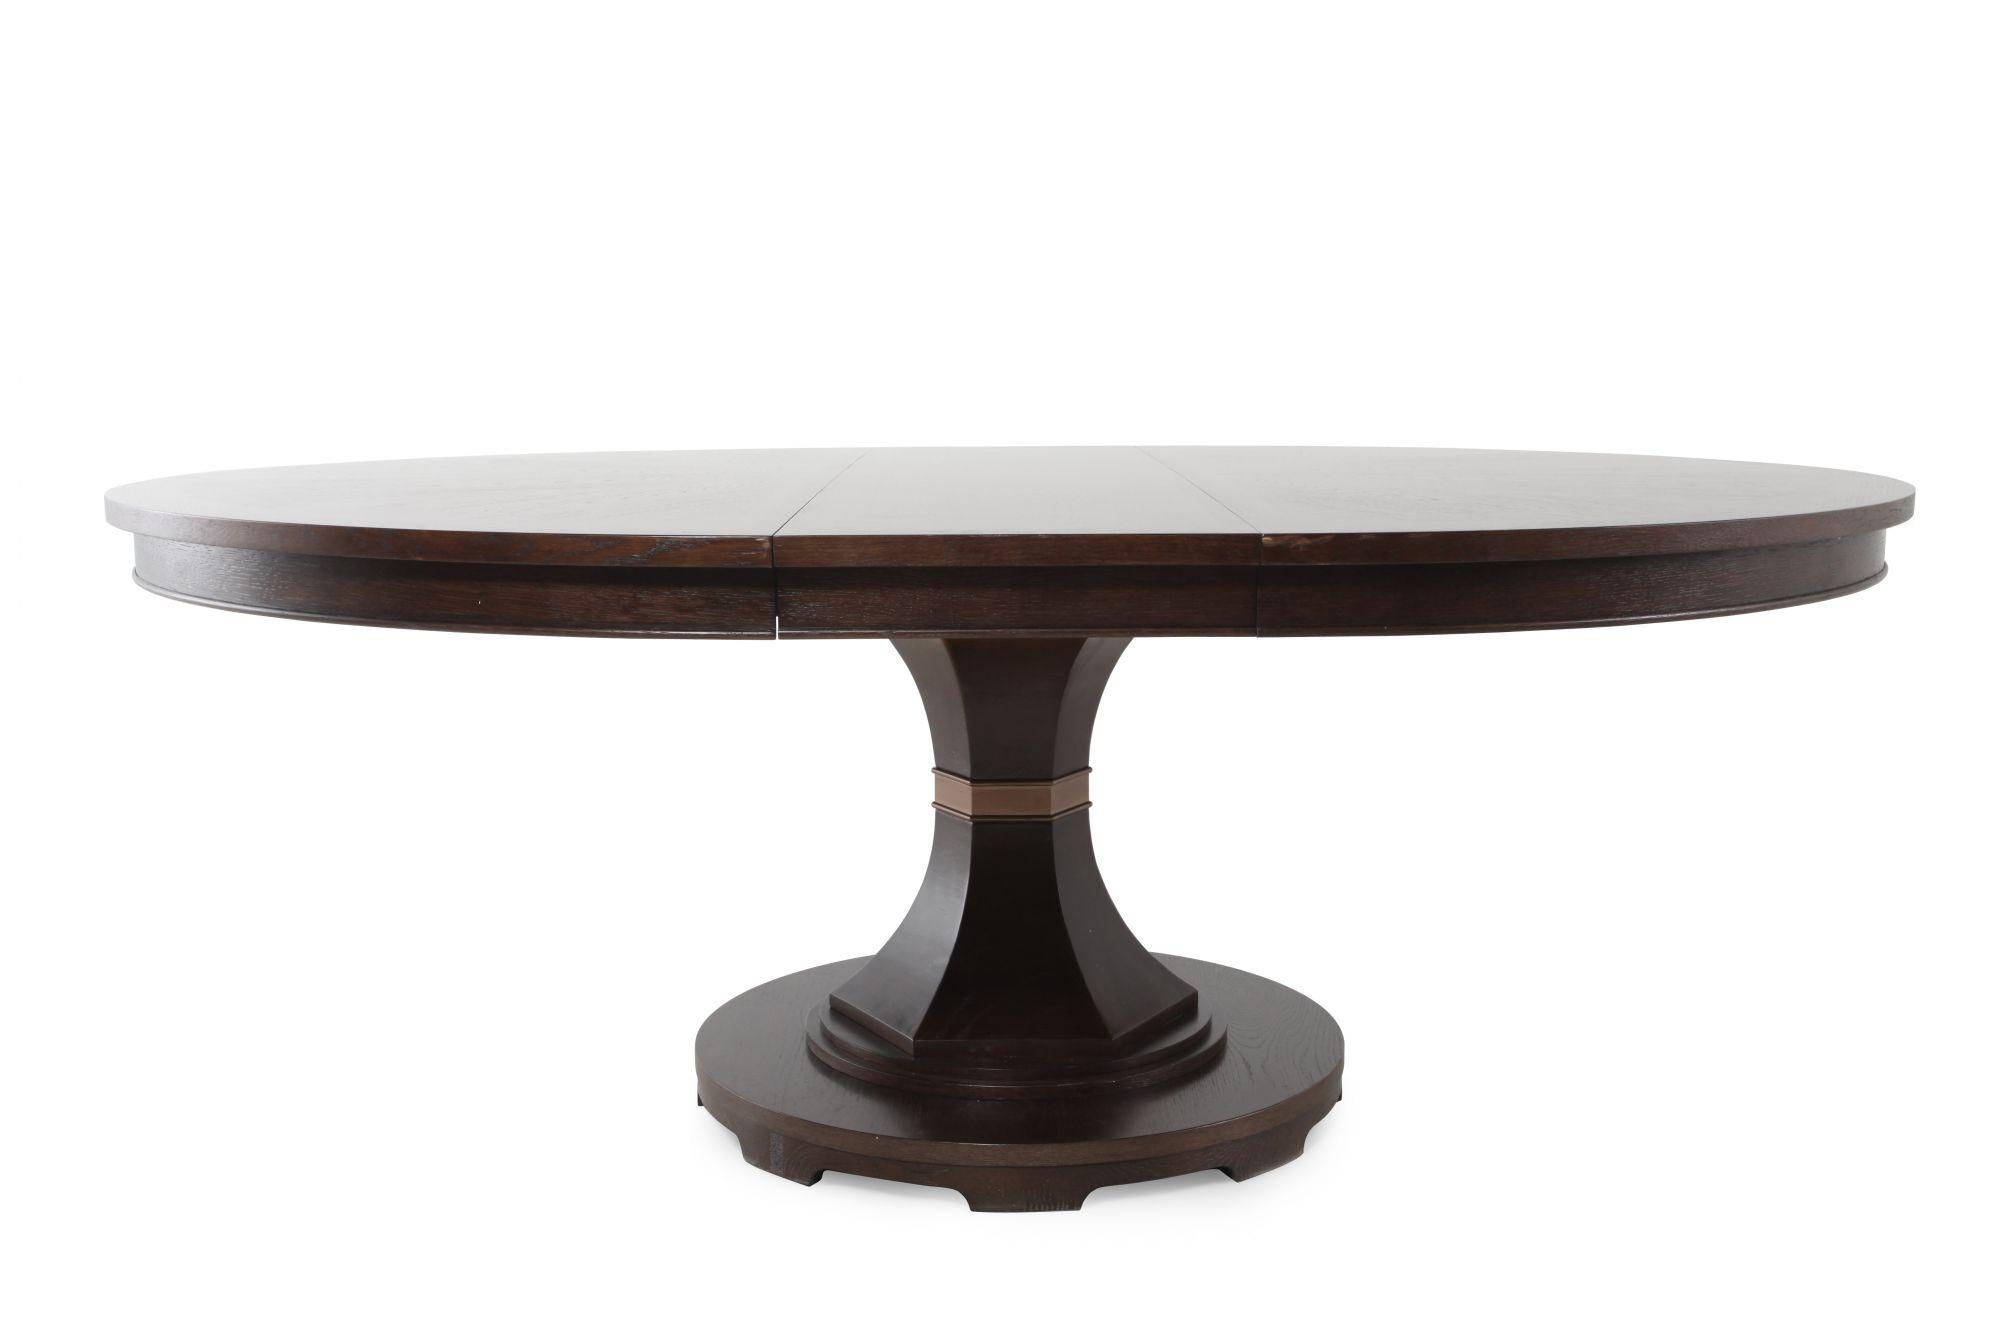 Images Contemporary 64u0026quot; To 80u0026quot; Round Dining Table In Dark Brown  Contemporary 64u0026quot; To 80u0026quot; Round Dining Table In Dark Brown